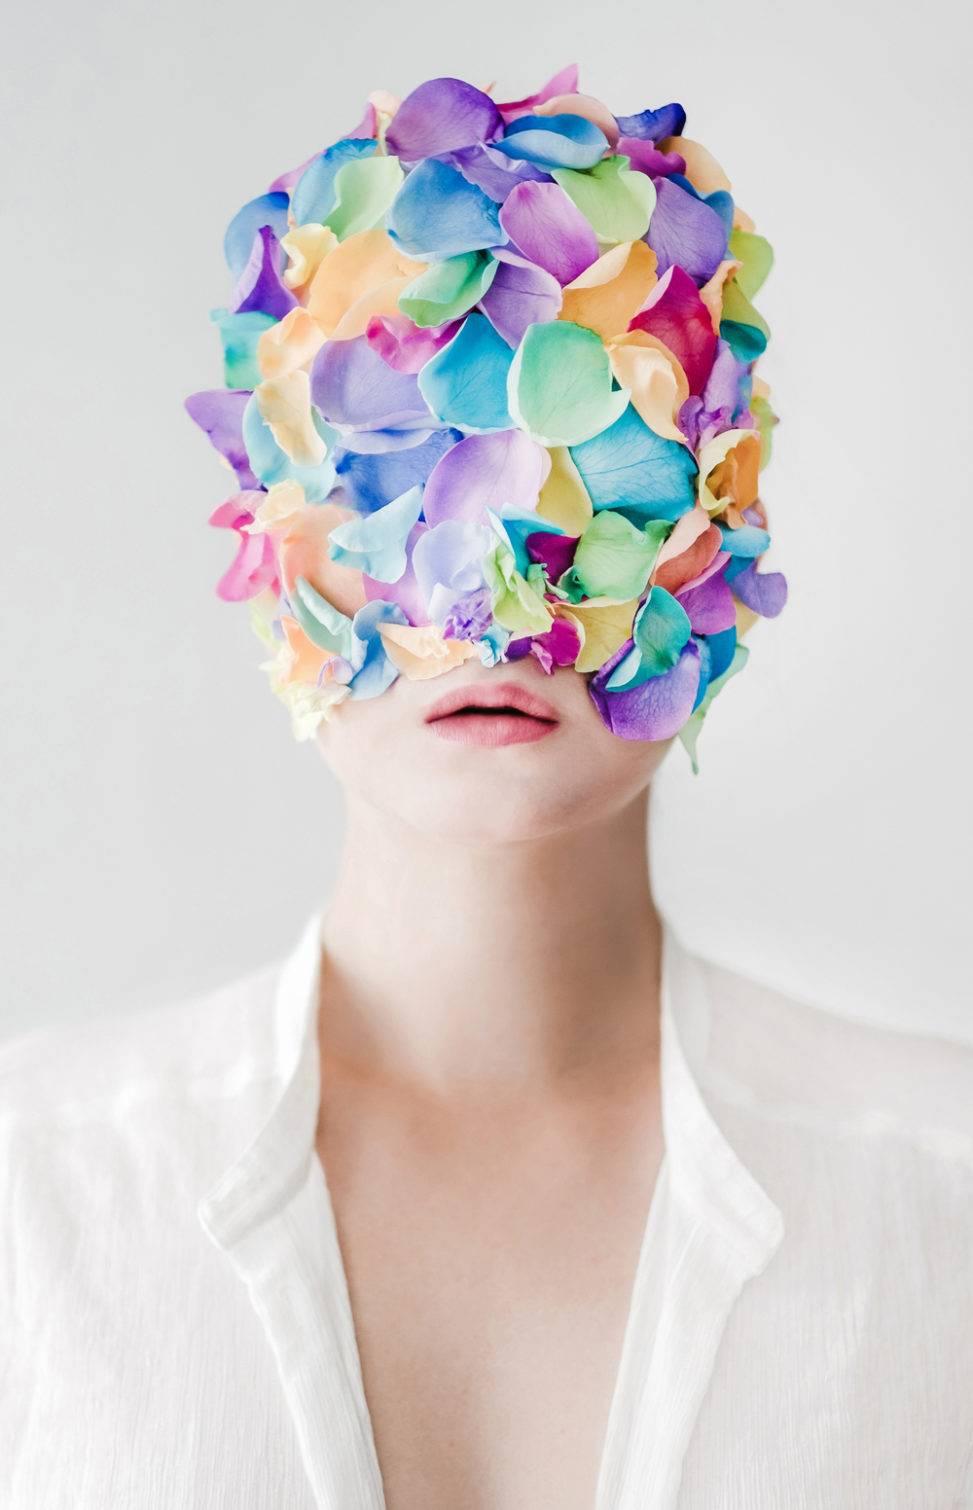 201807_Roos Oosterbroek serie flowers may bloom photography rainbow